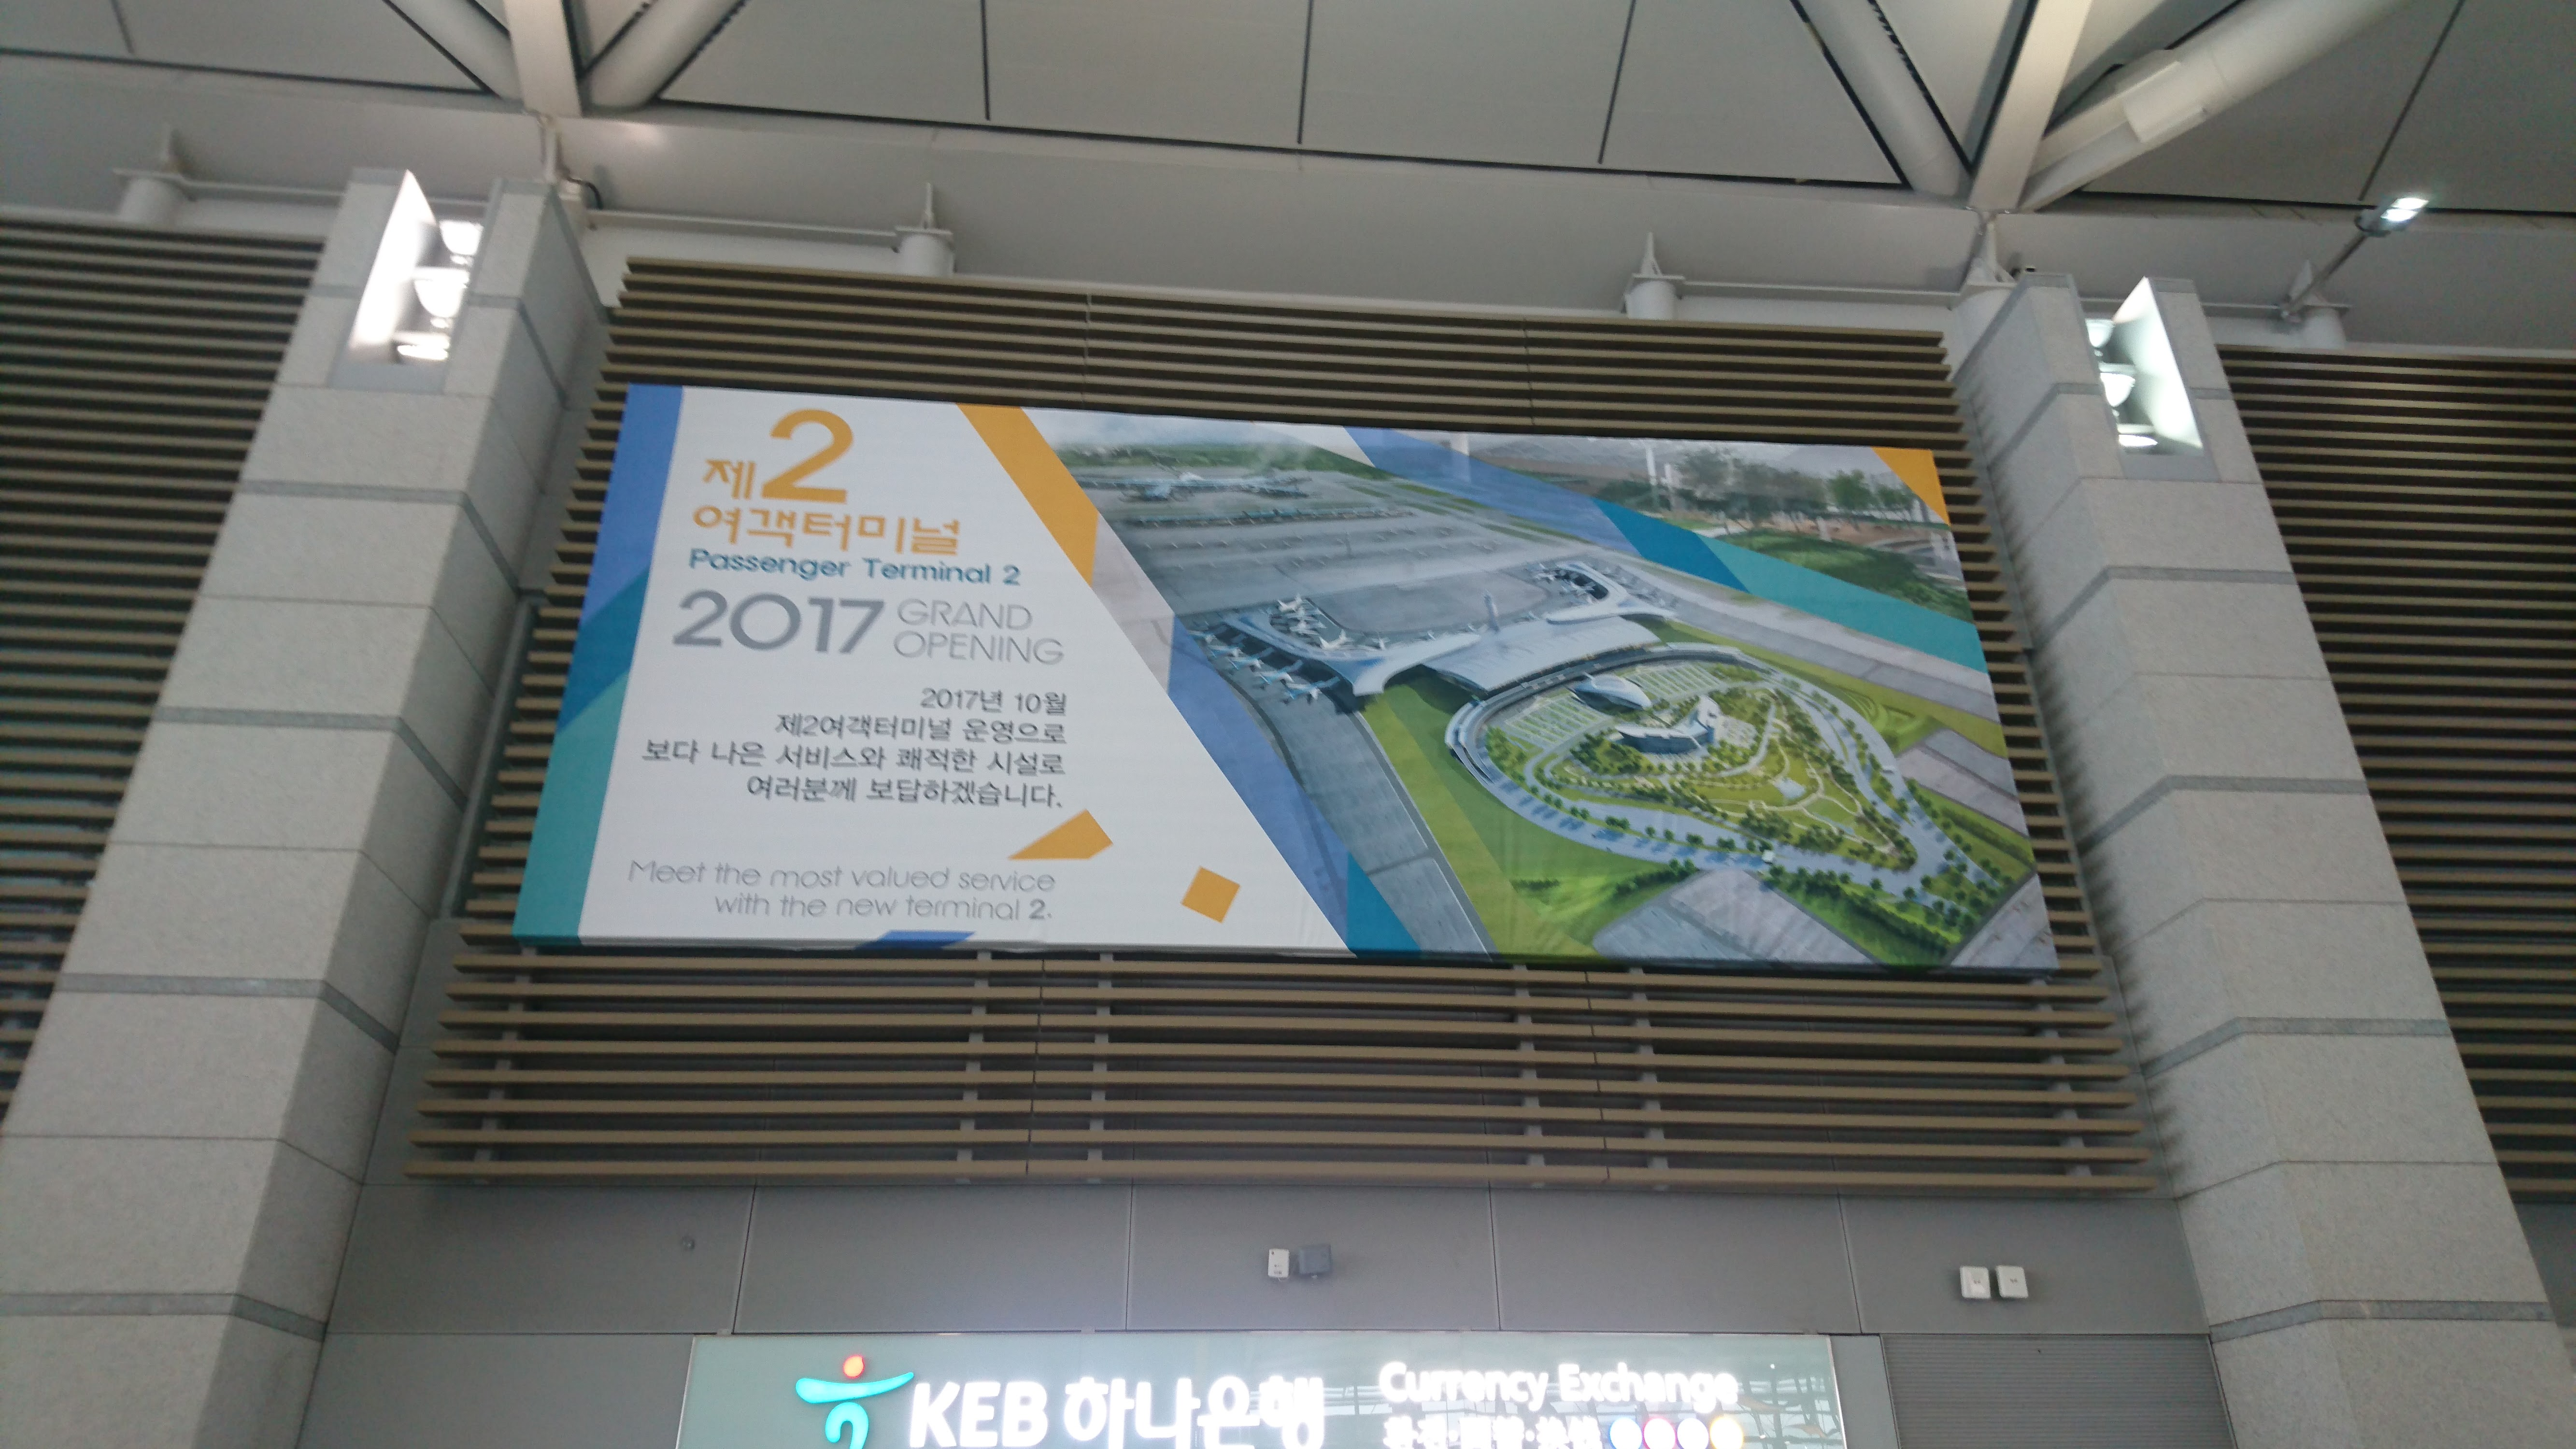 仁川国際空港に新しい第二旅客ターミナル